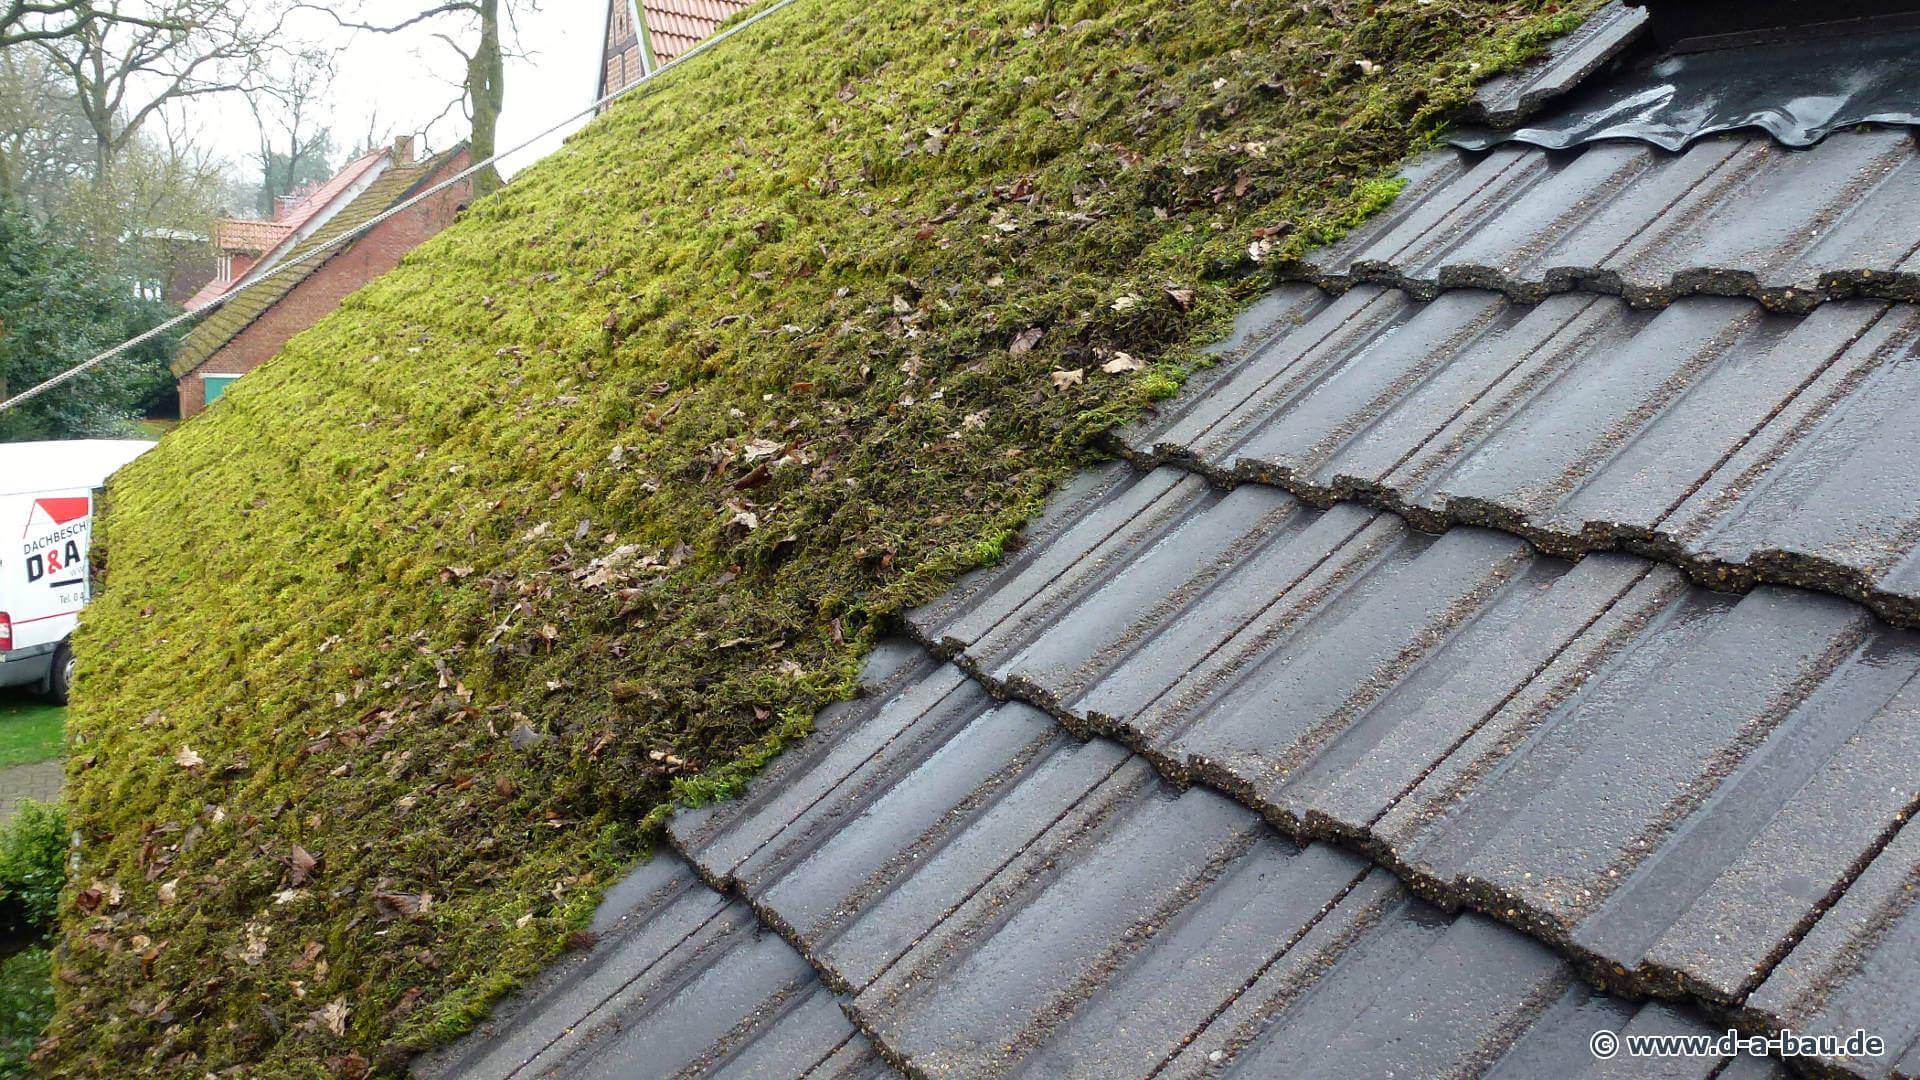 dachreinigung d und a bau reinigt ihr dach gr ndlich von. Black Bedroom Furniture Sets. Home Design Ideas